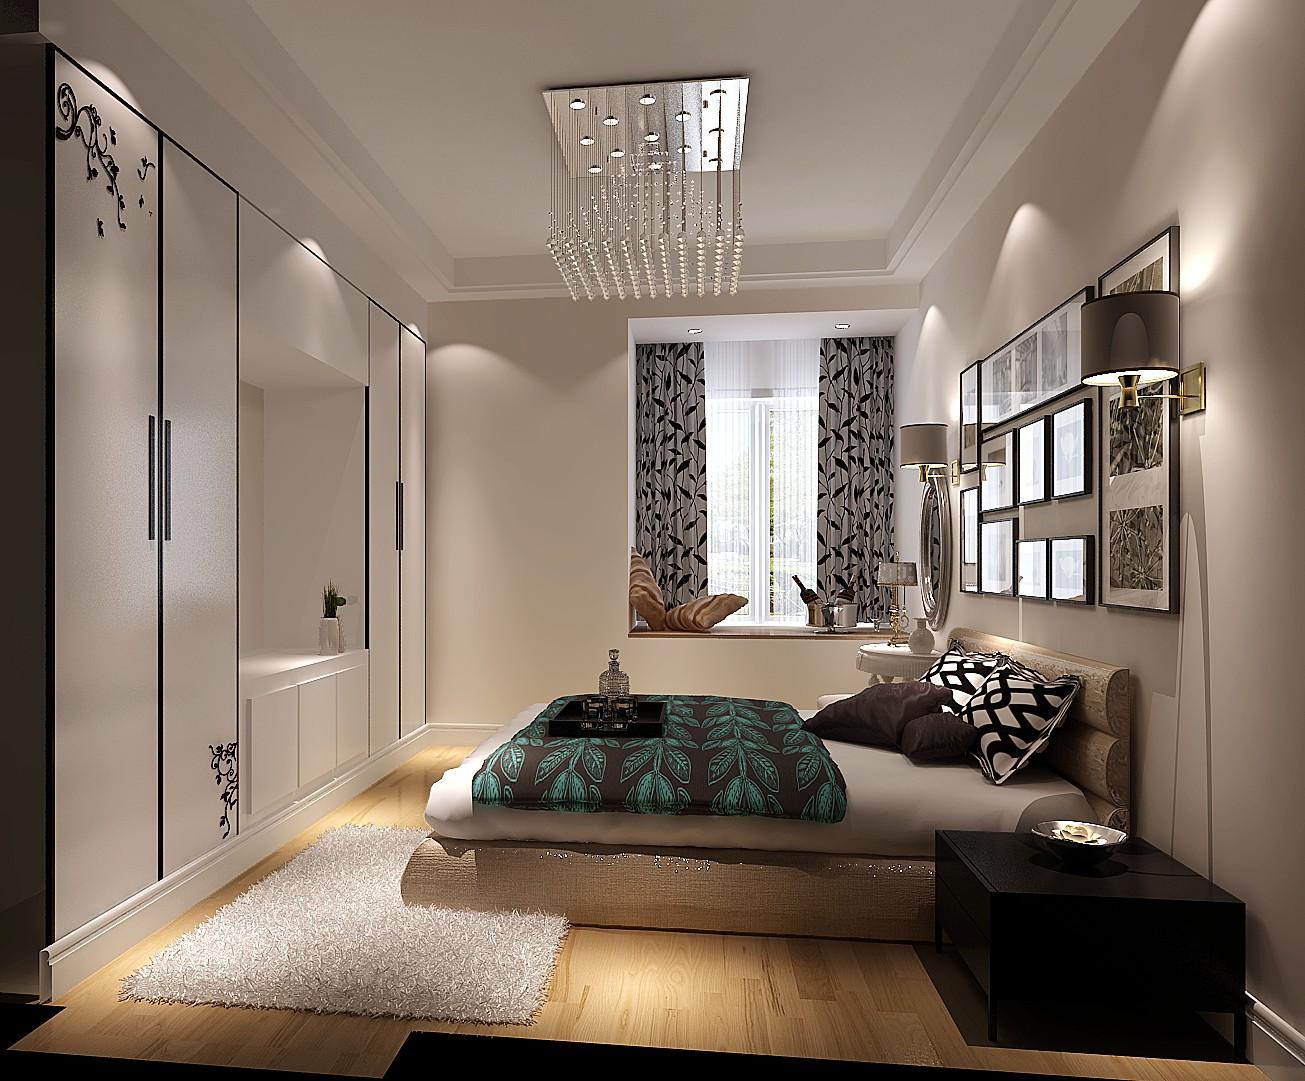 高度国际 江南山水 卧室图片来自凌军在【江南山水】60平米一居室的分享